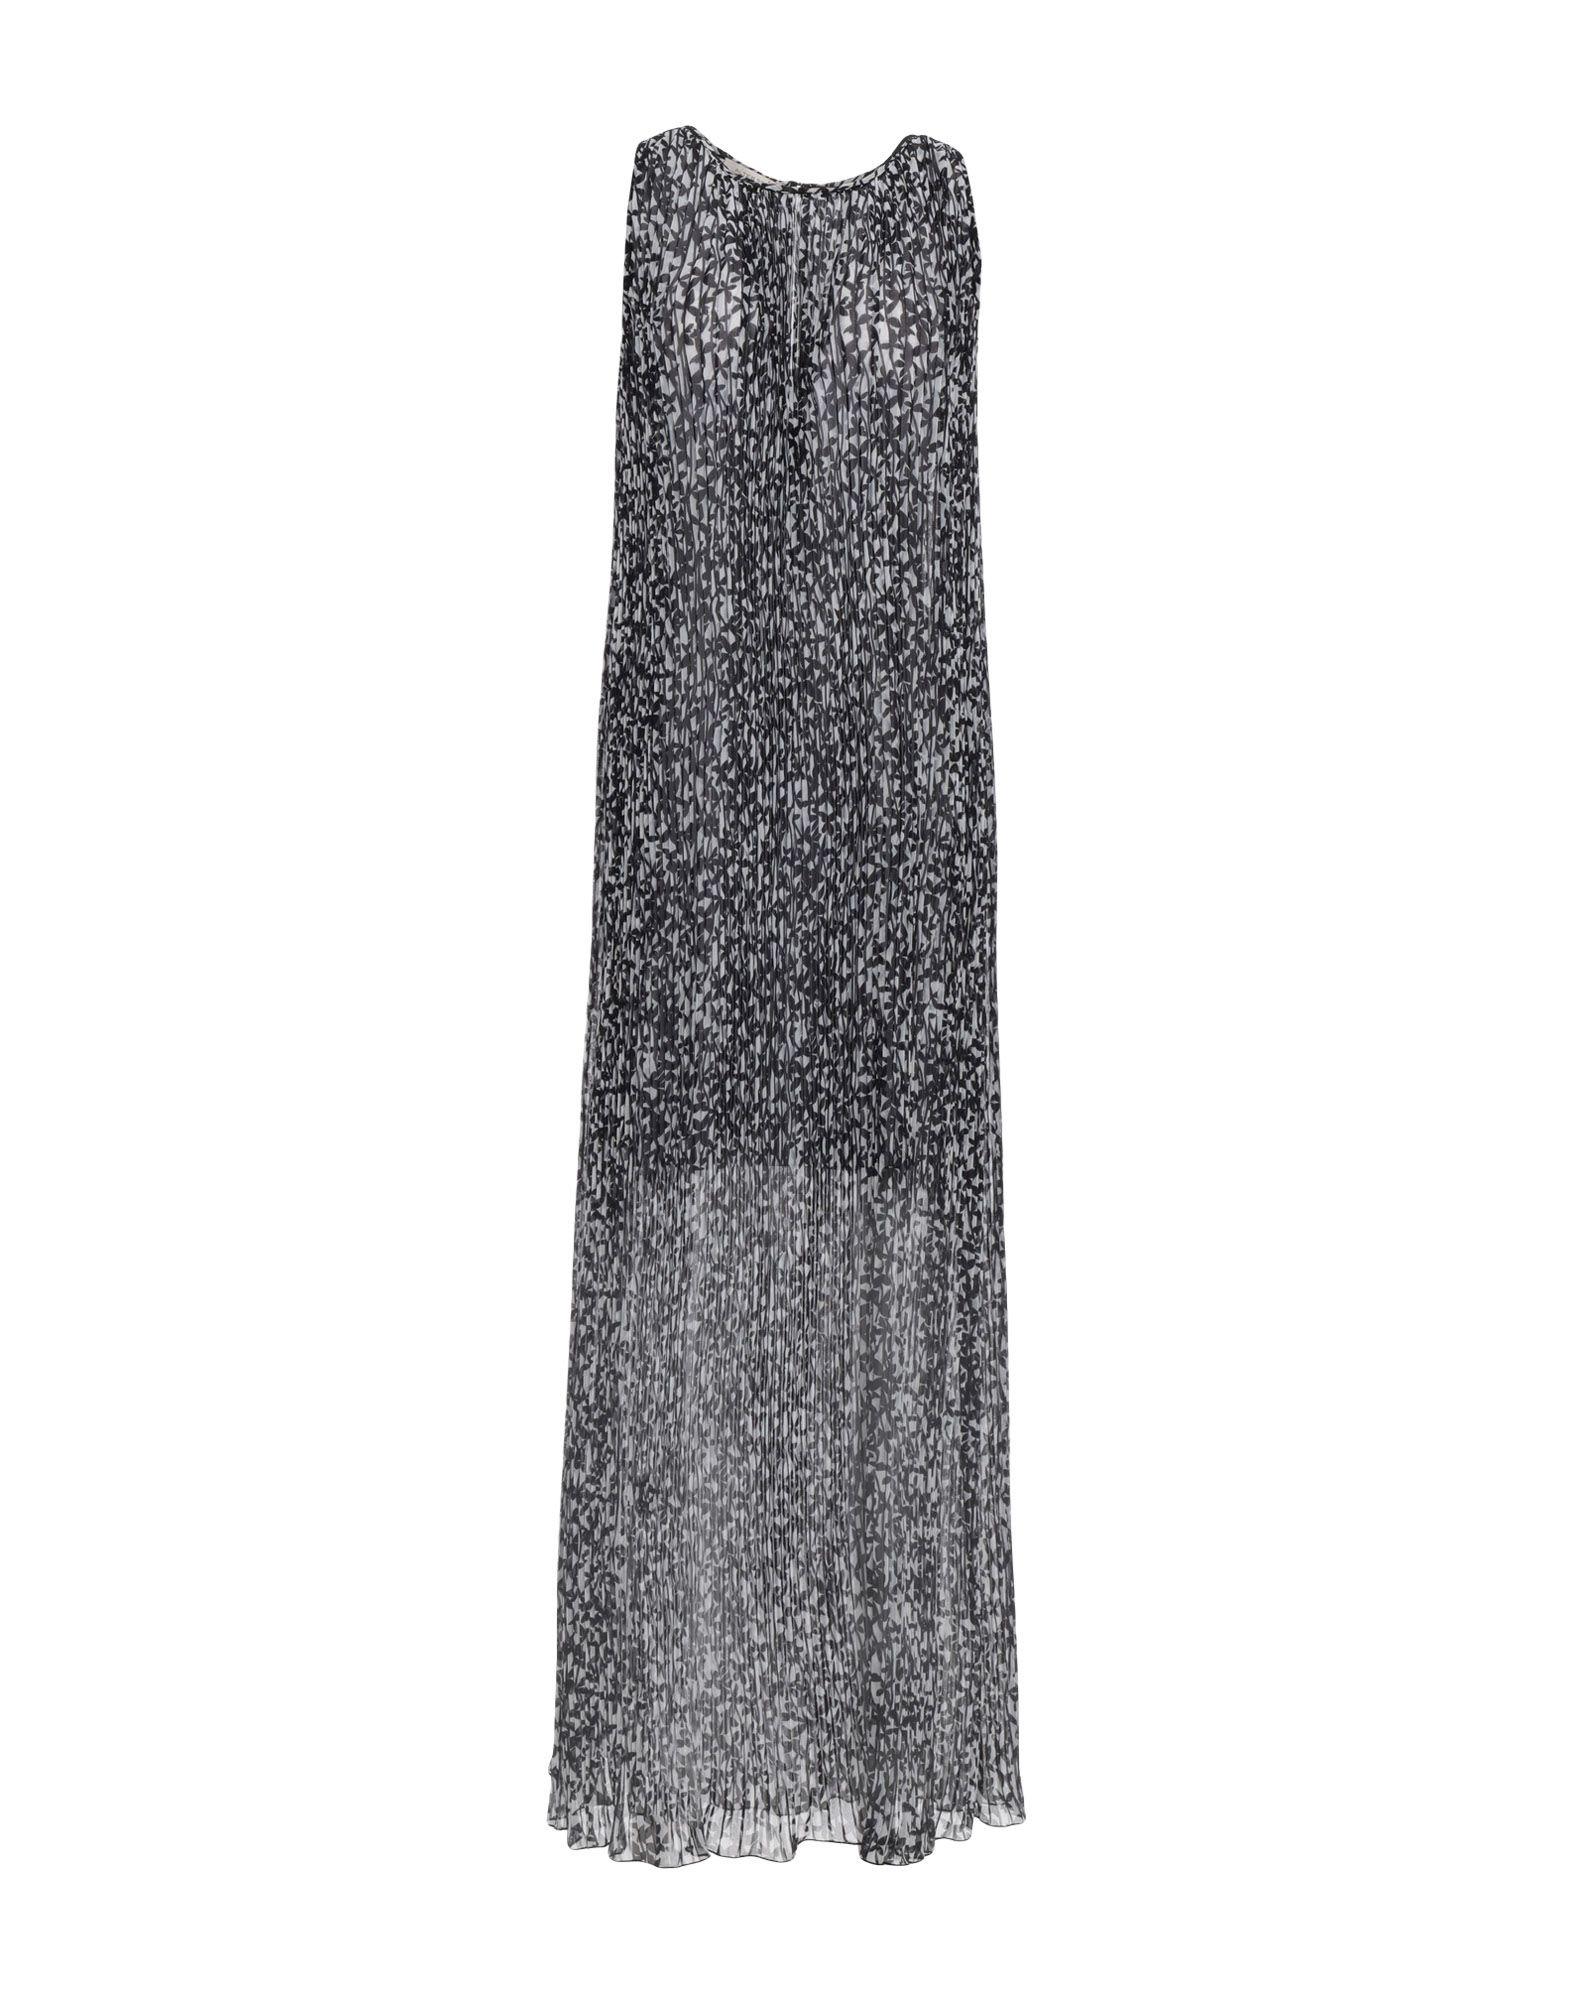 ALTER-EGO Длинное платье фото